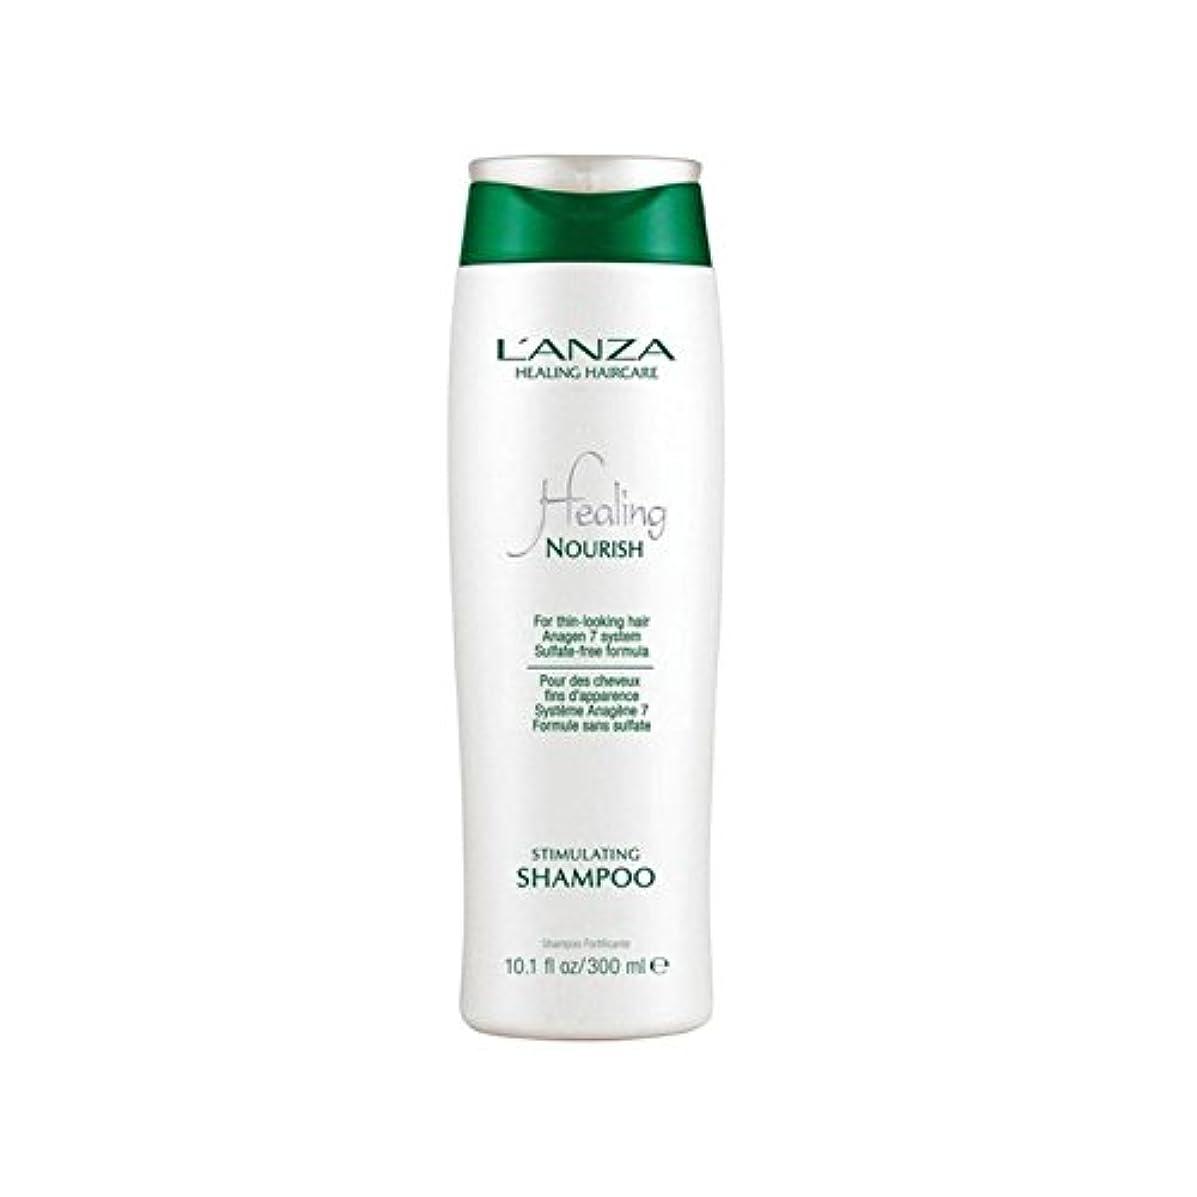 言い直す乱雑なあたたかいアンザ治癒はシャンプーを刺激養う(300ミリリットル) x4 - L'Anza Healing Nourish Stimulating Shampoo (300ml) (Pack of 4) [並行輸入品]